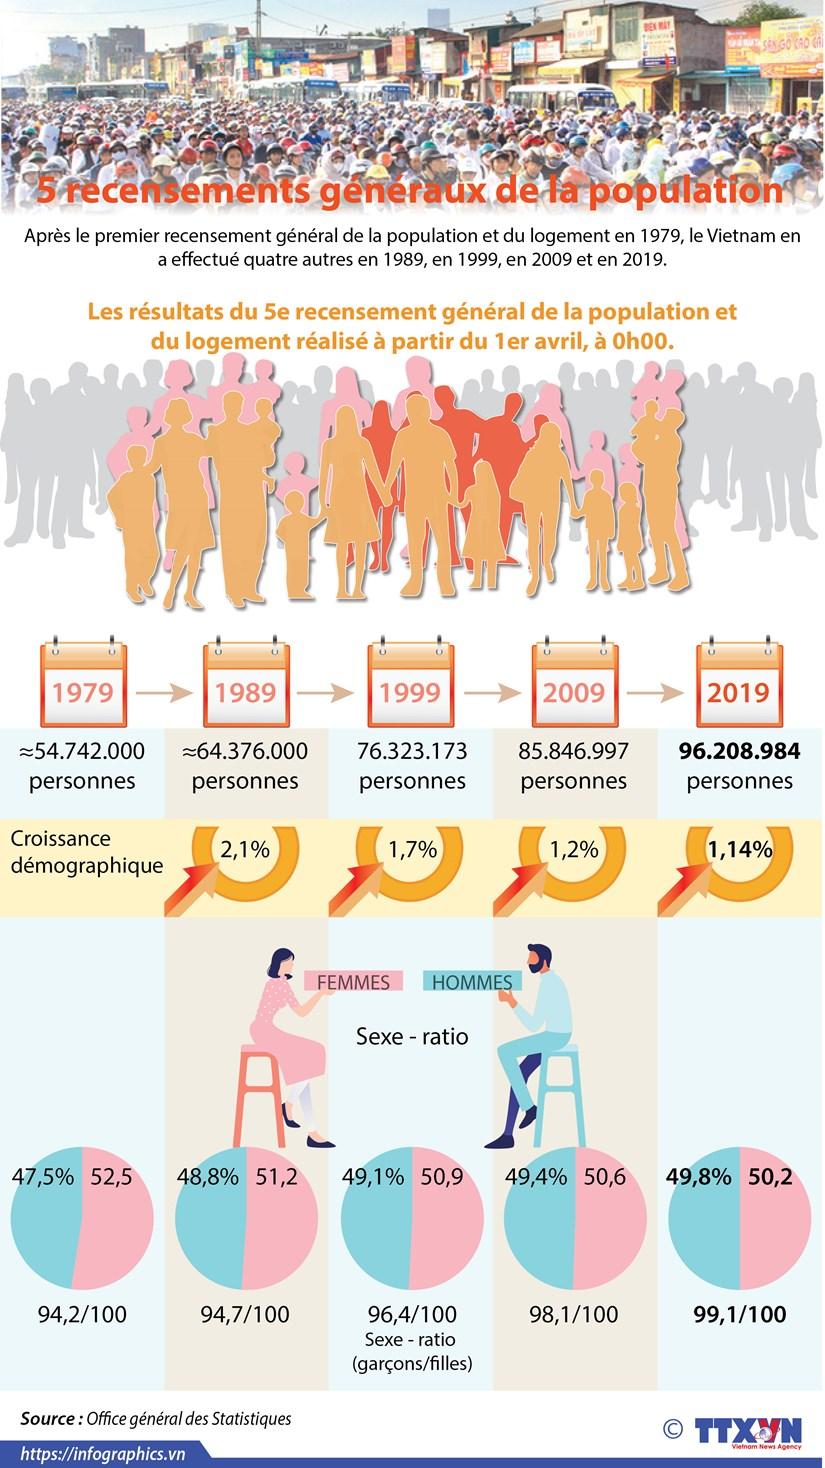 Les cinq recensements generaux de la population hinh anh 1